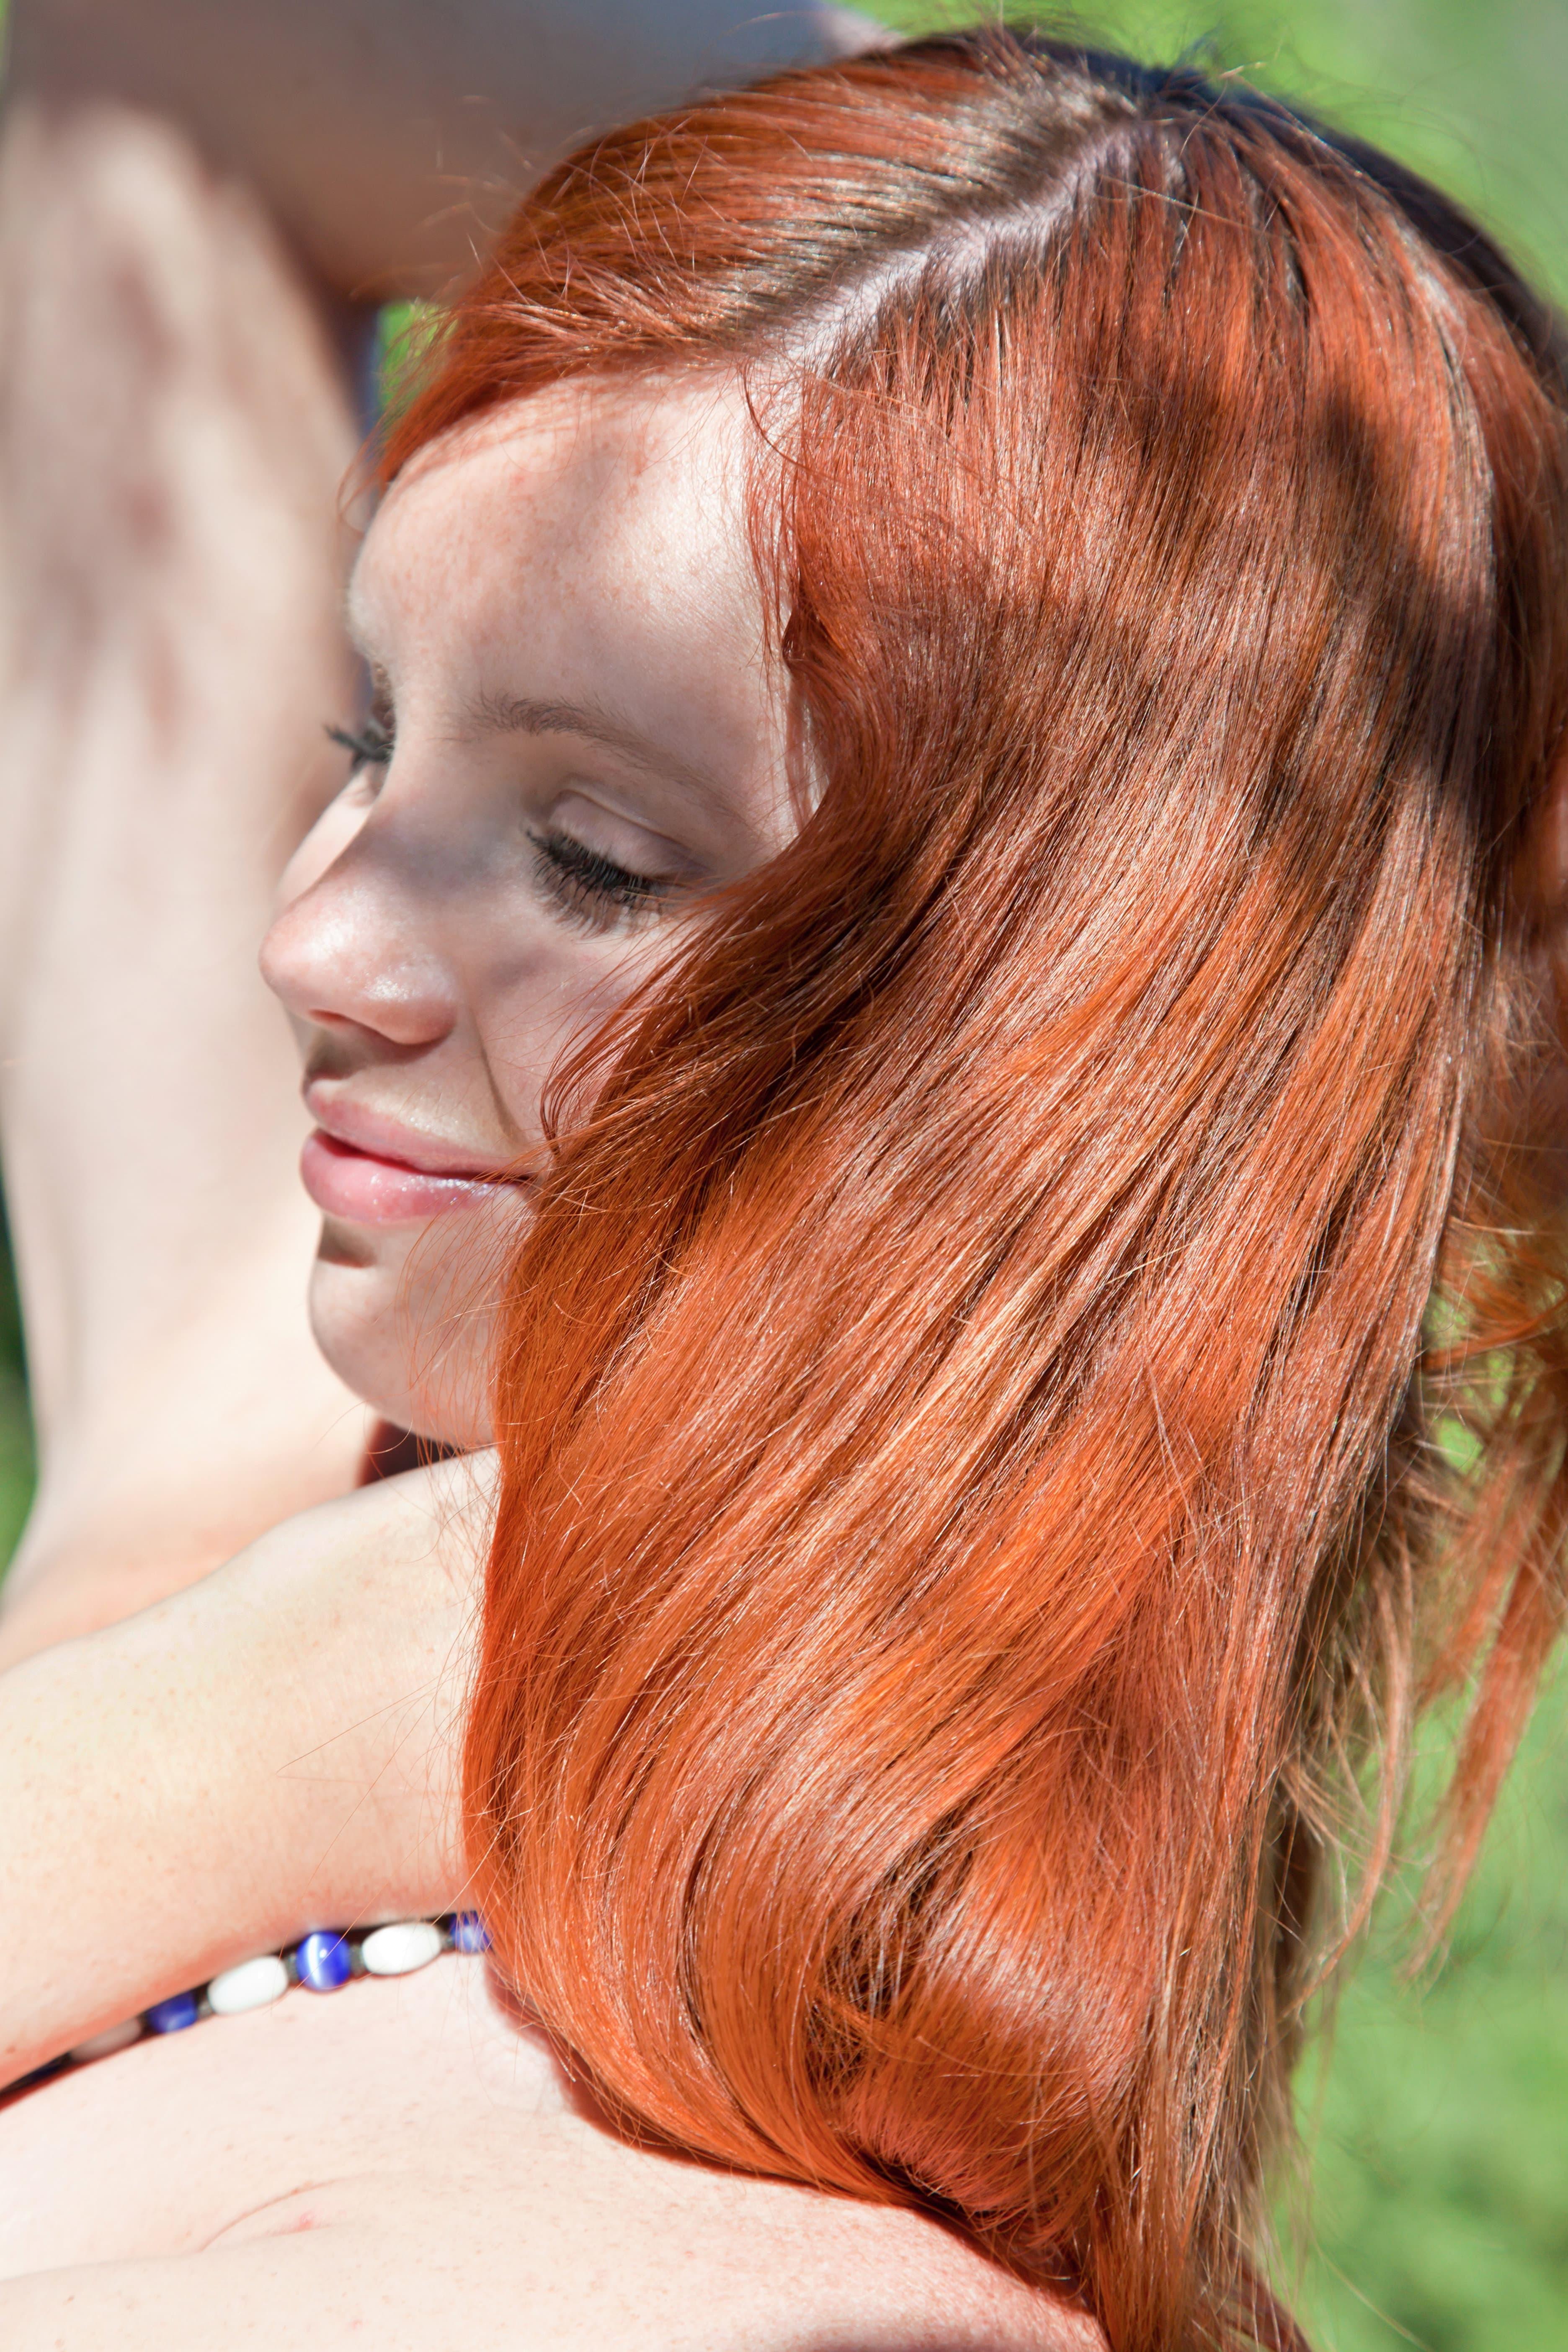 Рыжеволосая красотка на природе - фото